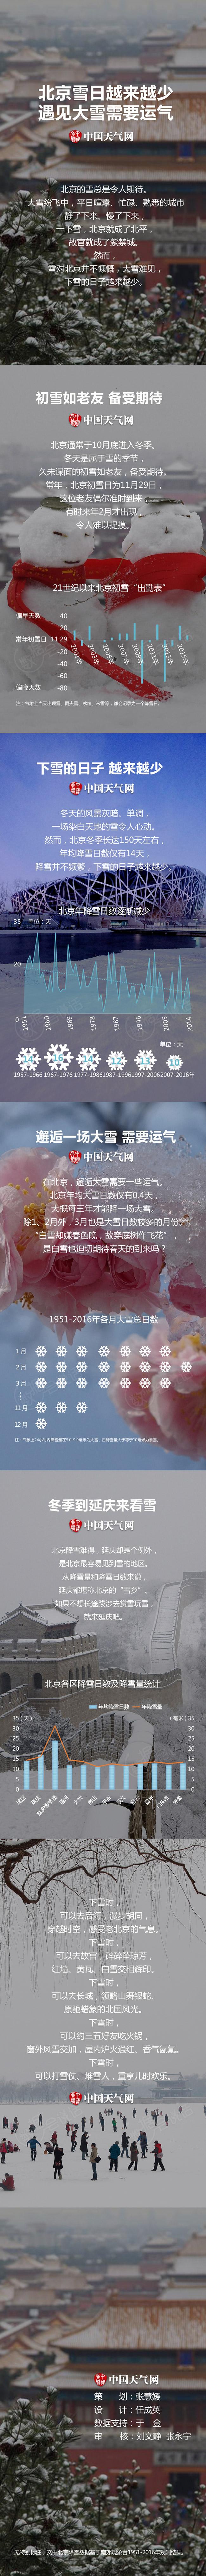 北京雪日越来越少 遇见大雪需要运气